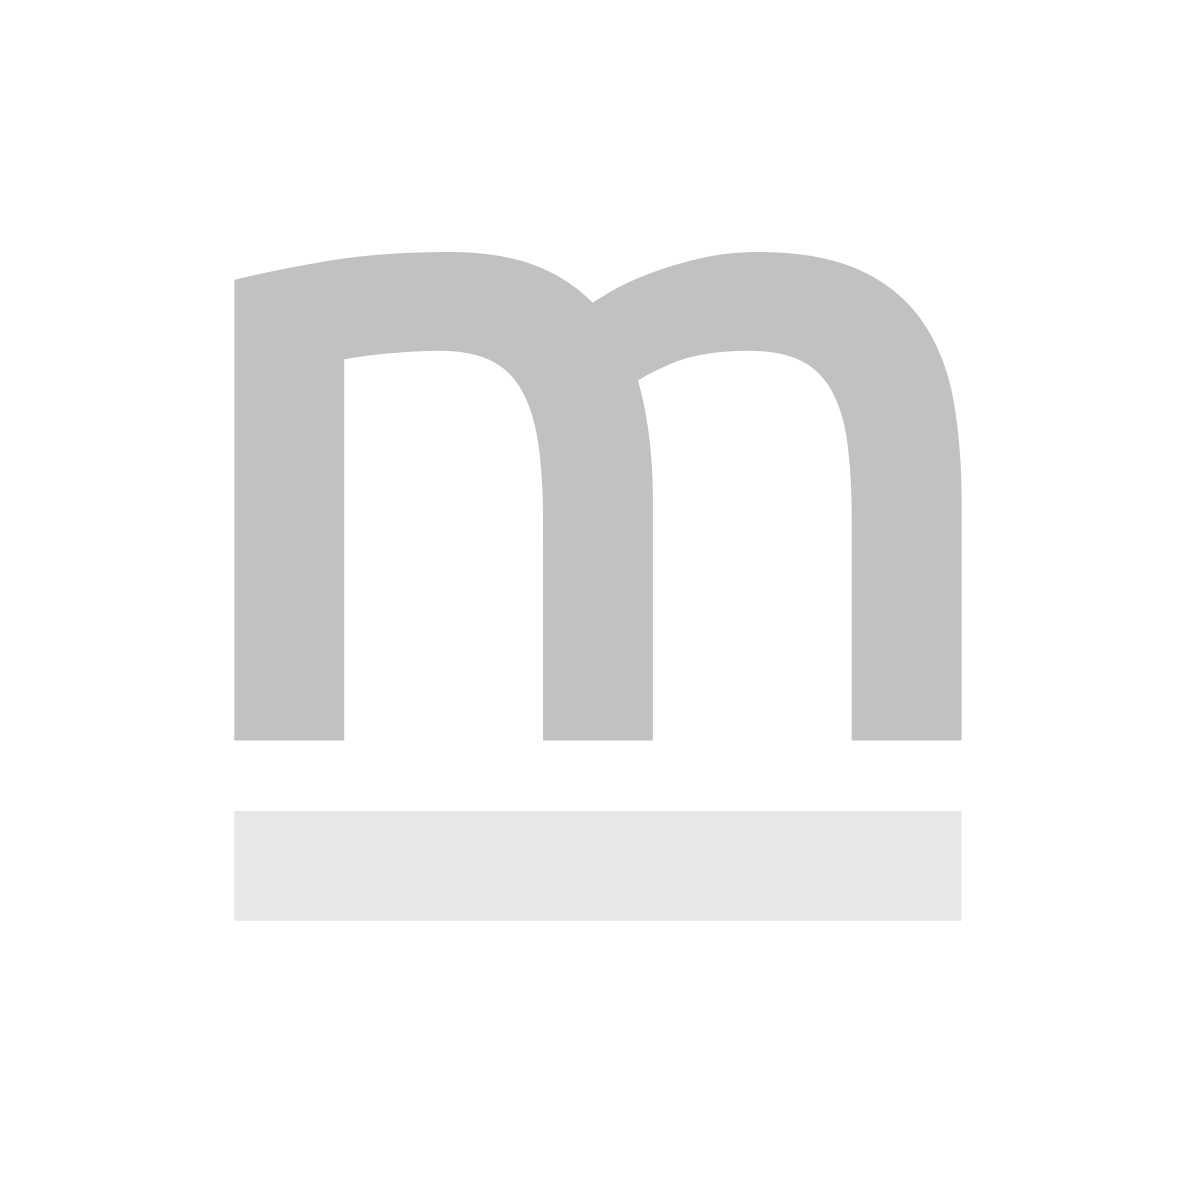 Stolik ogrodowy GRAPPA 45x45 ciemno szary